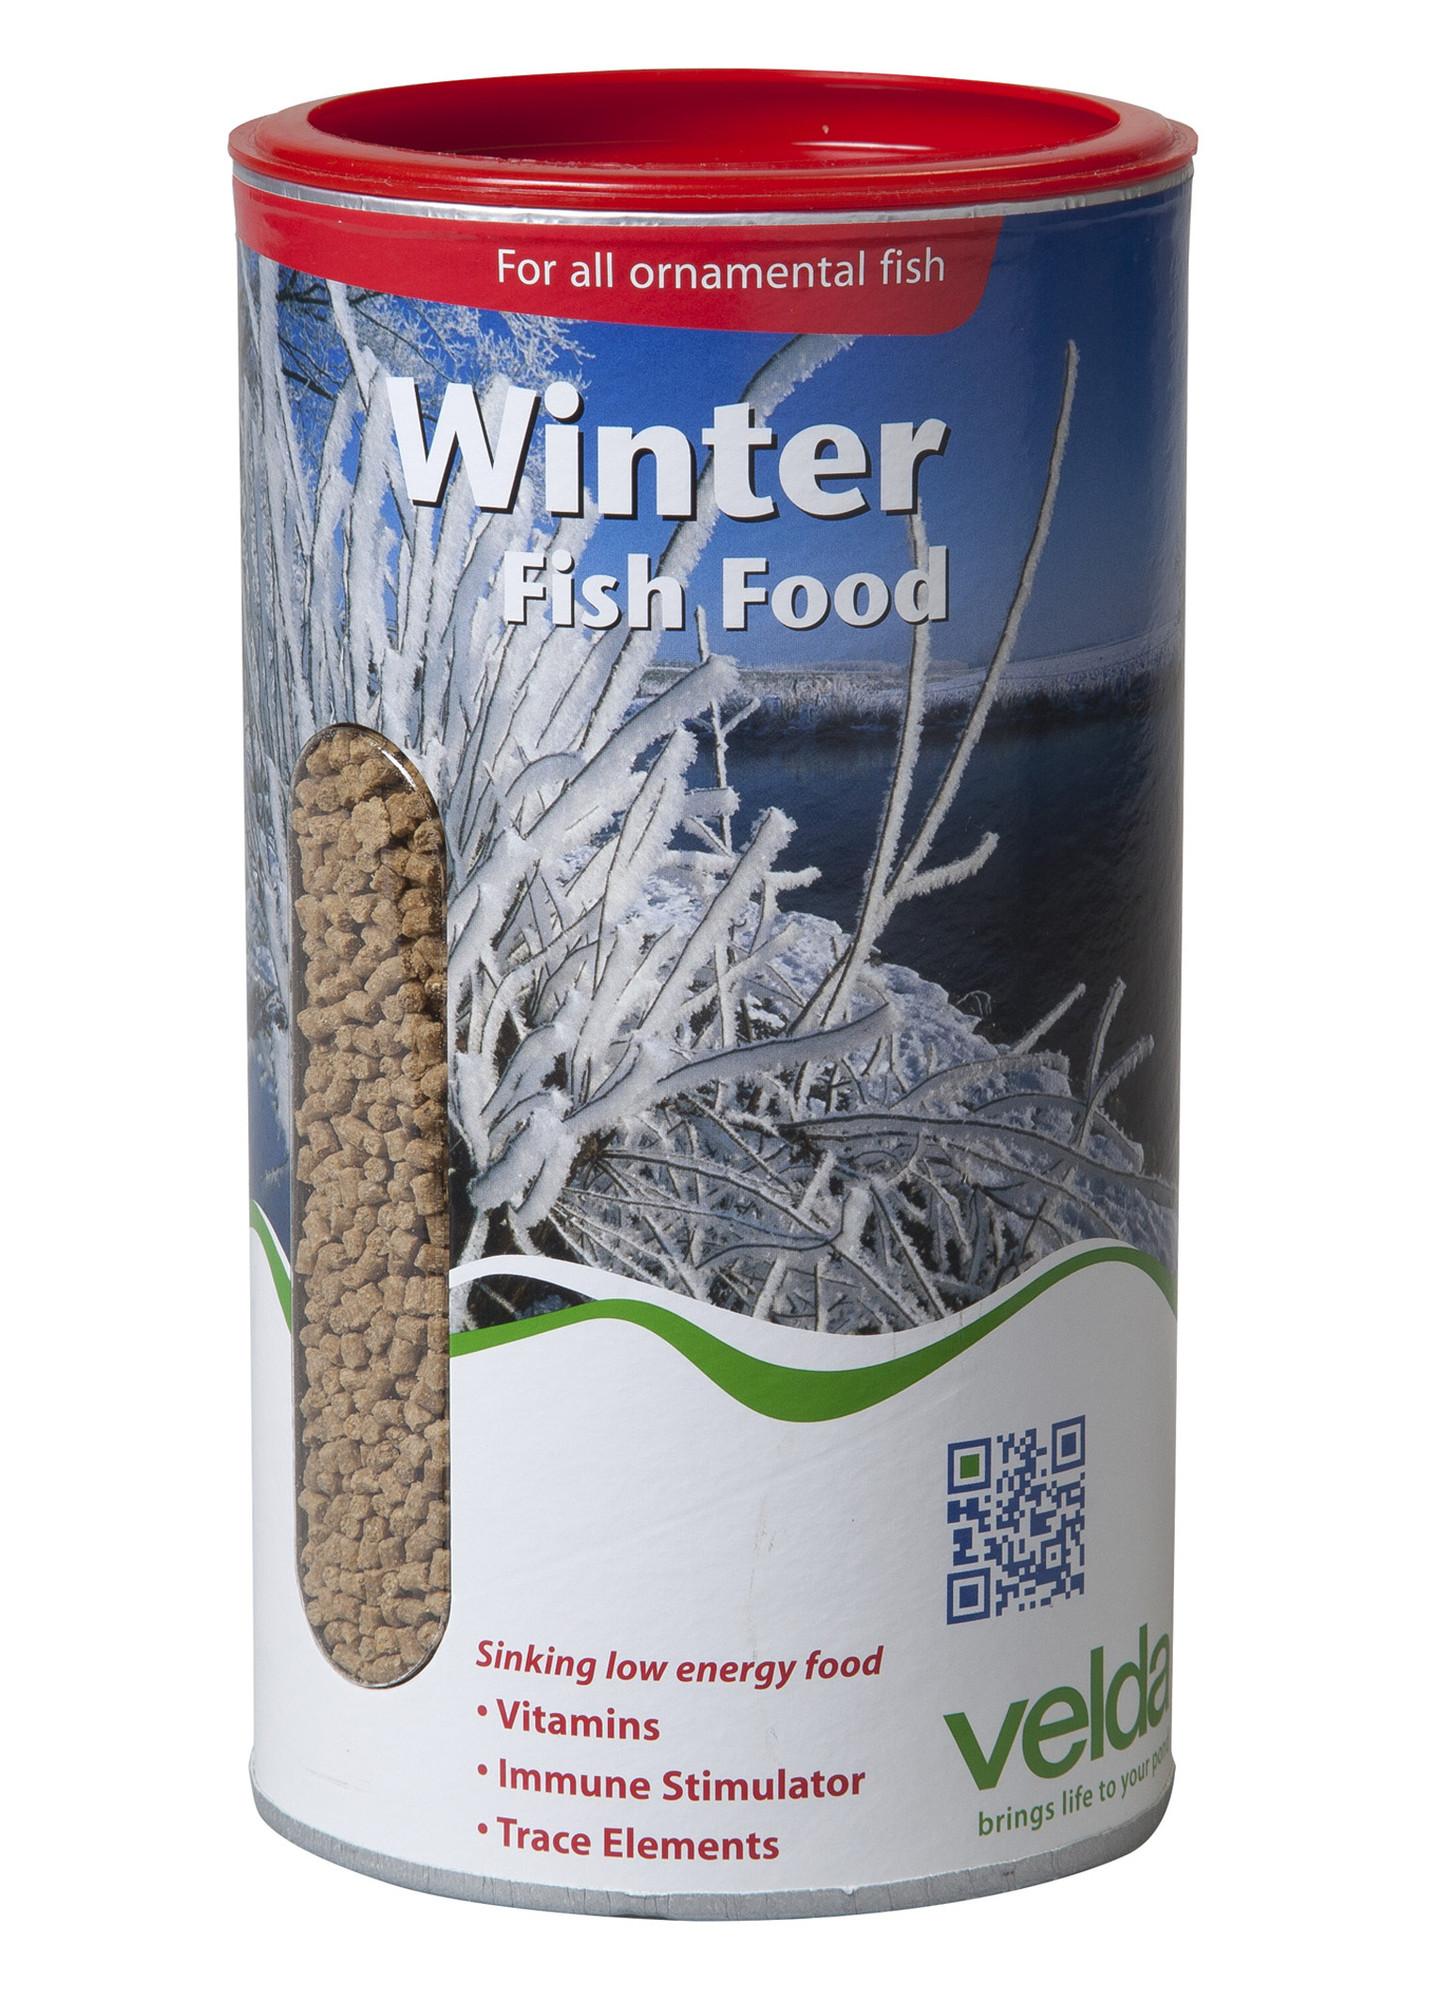 Velda Winter Fish Food 1250 Ml / 675 Gram